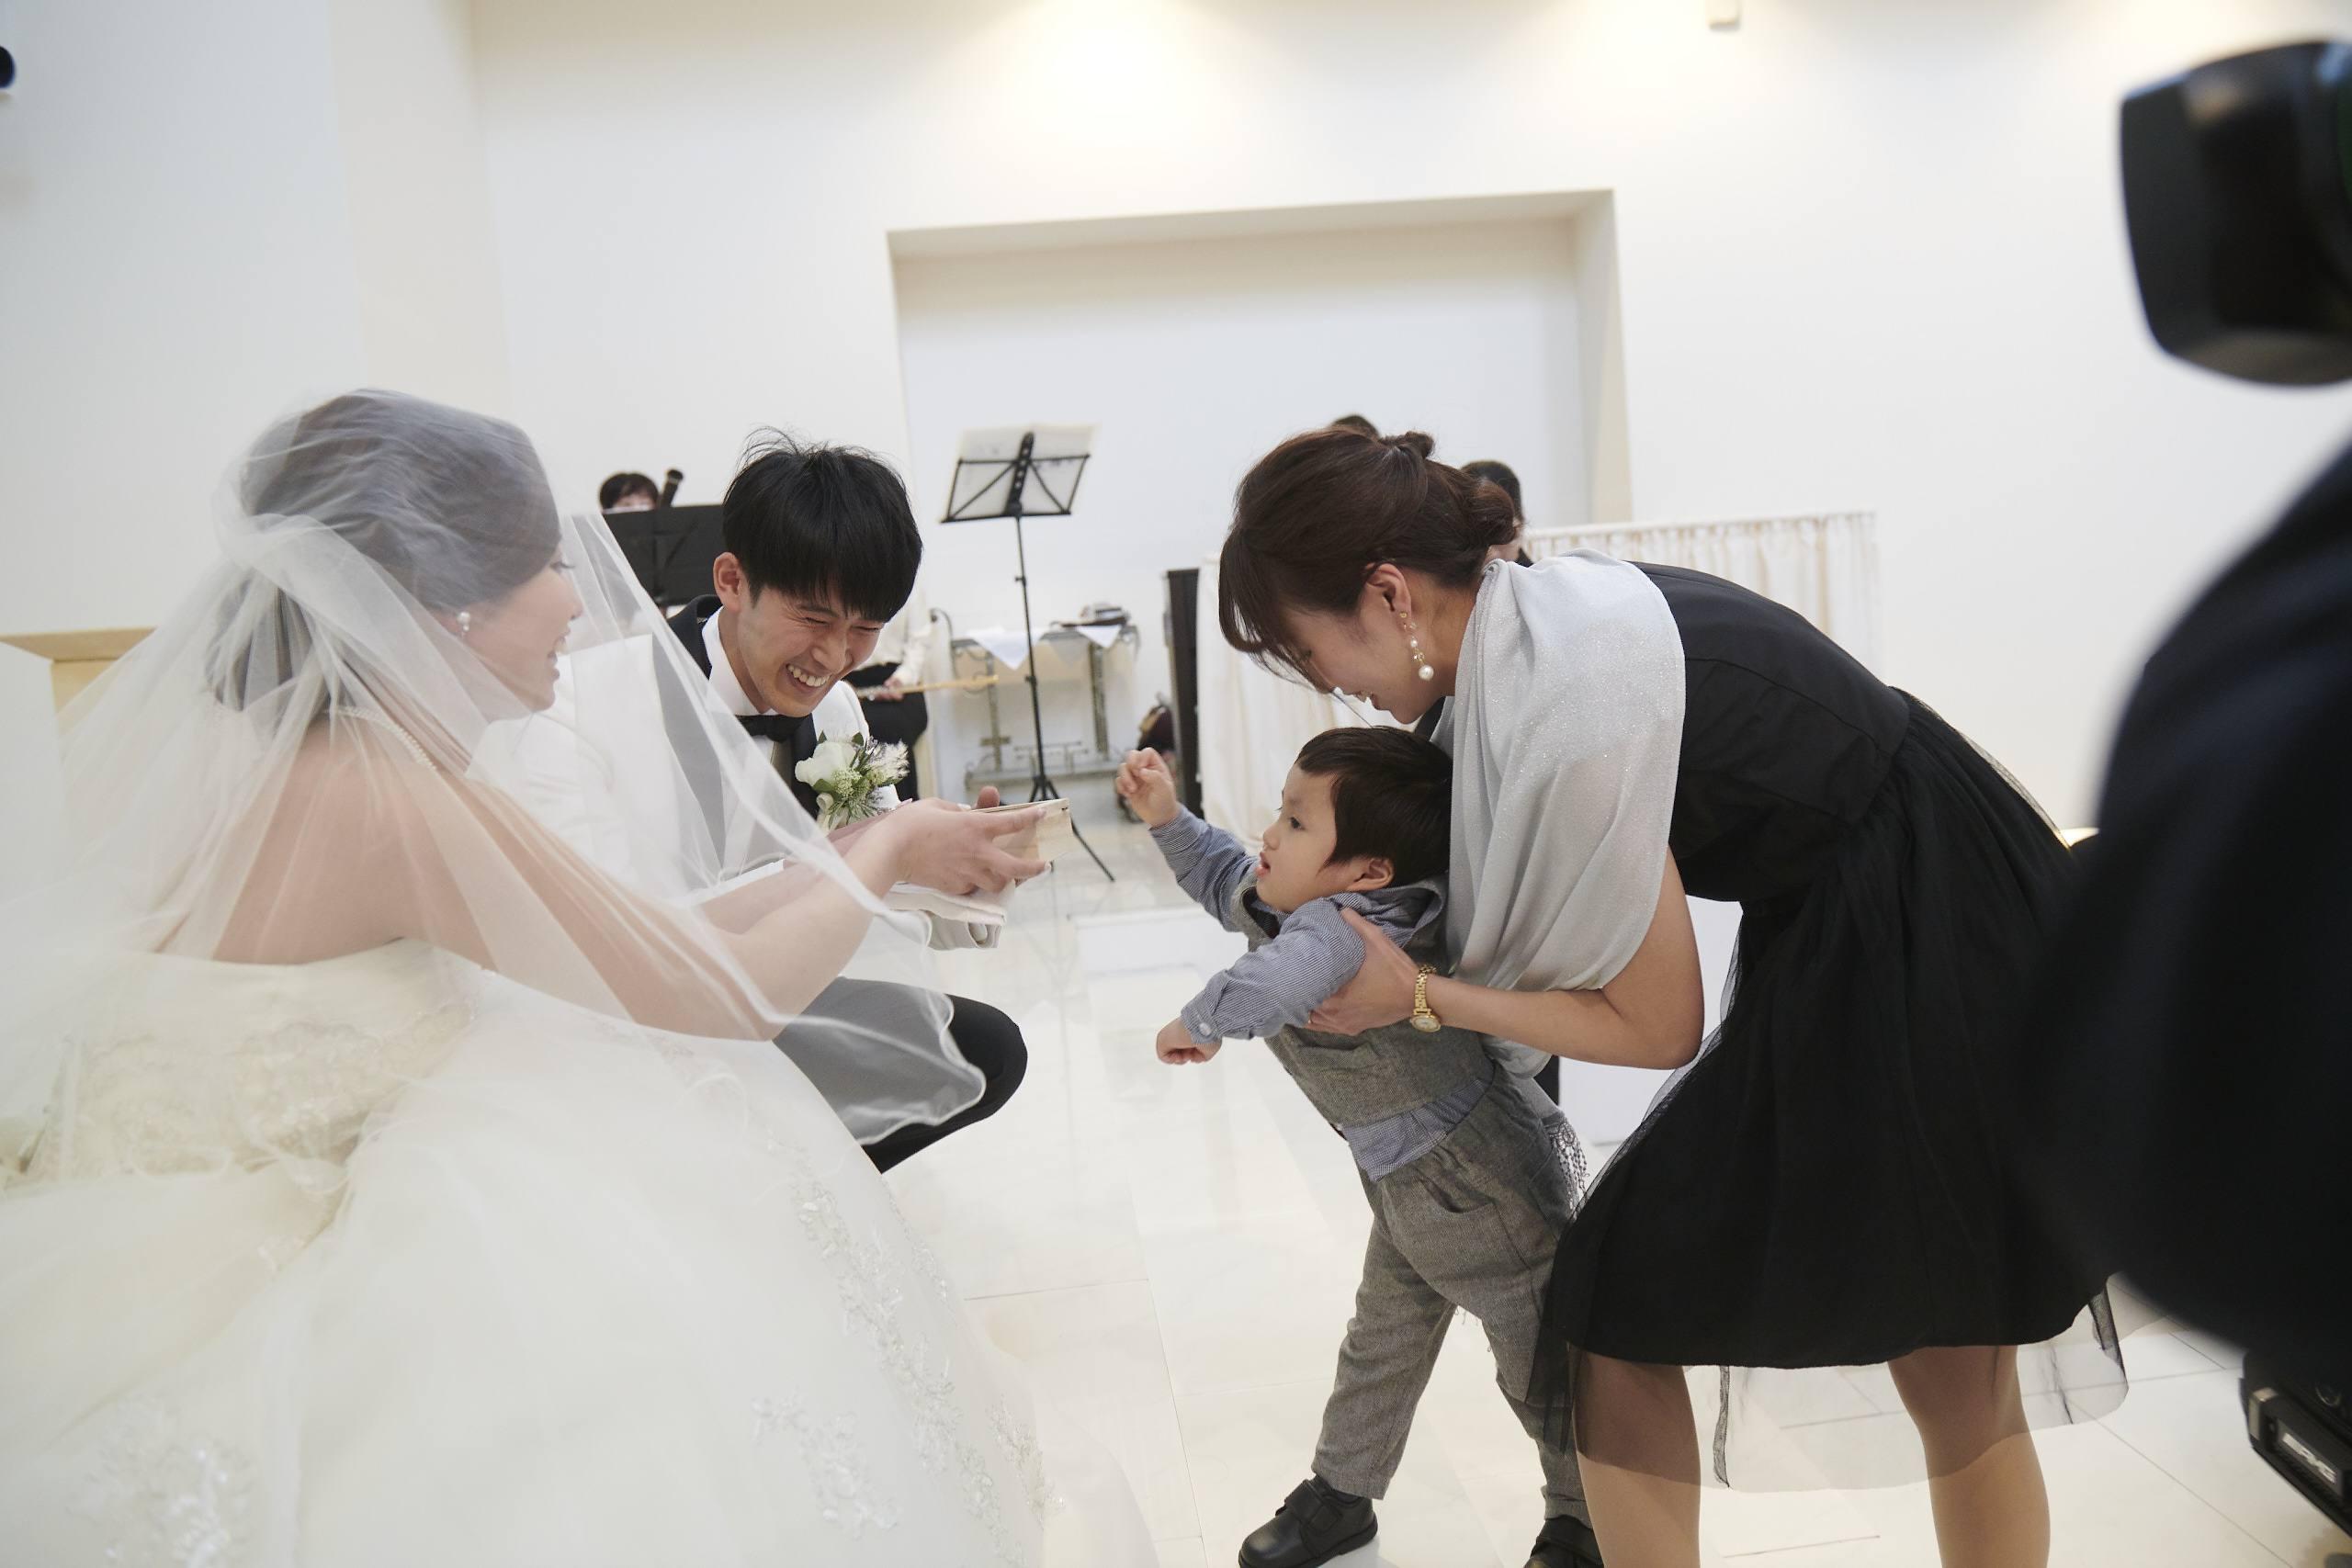 徳島市の結婚式場ブランアンジュで新郎新婦様へ指輪を渡すリングボーイ